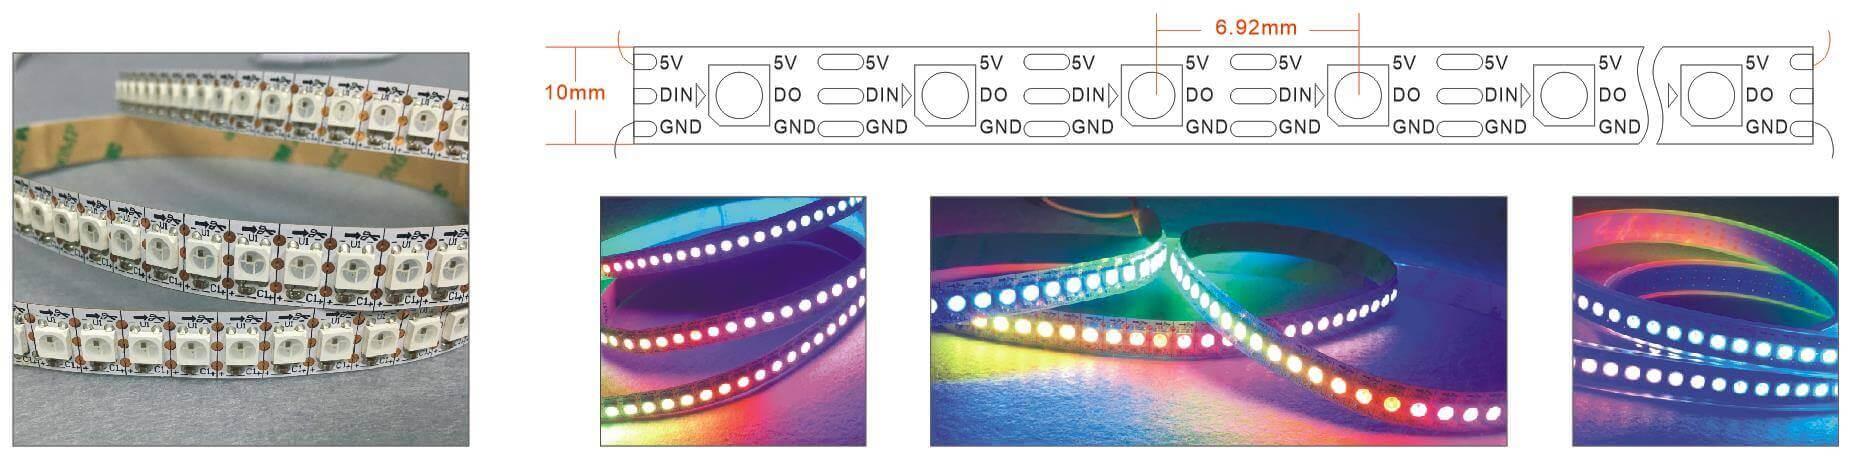 WS2812B 144 LED per meter Strip